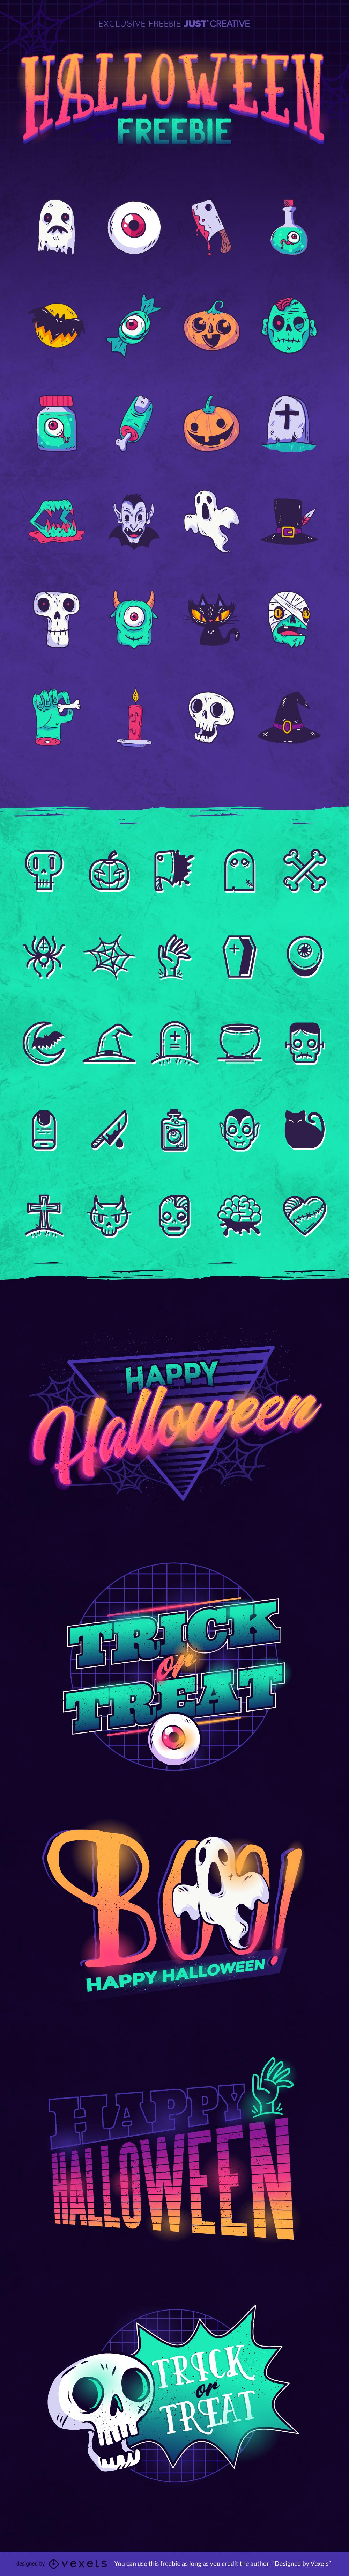 Halloween Vector Free Download